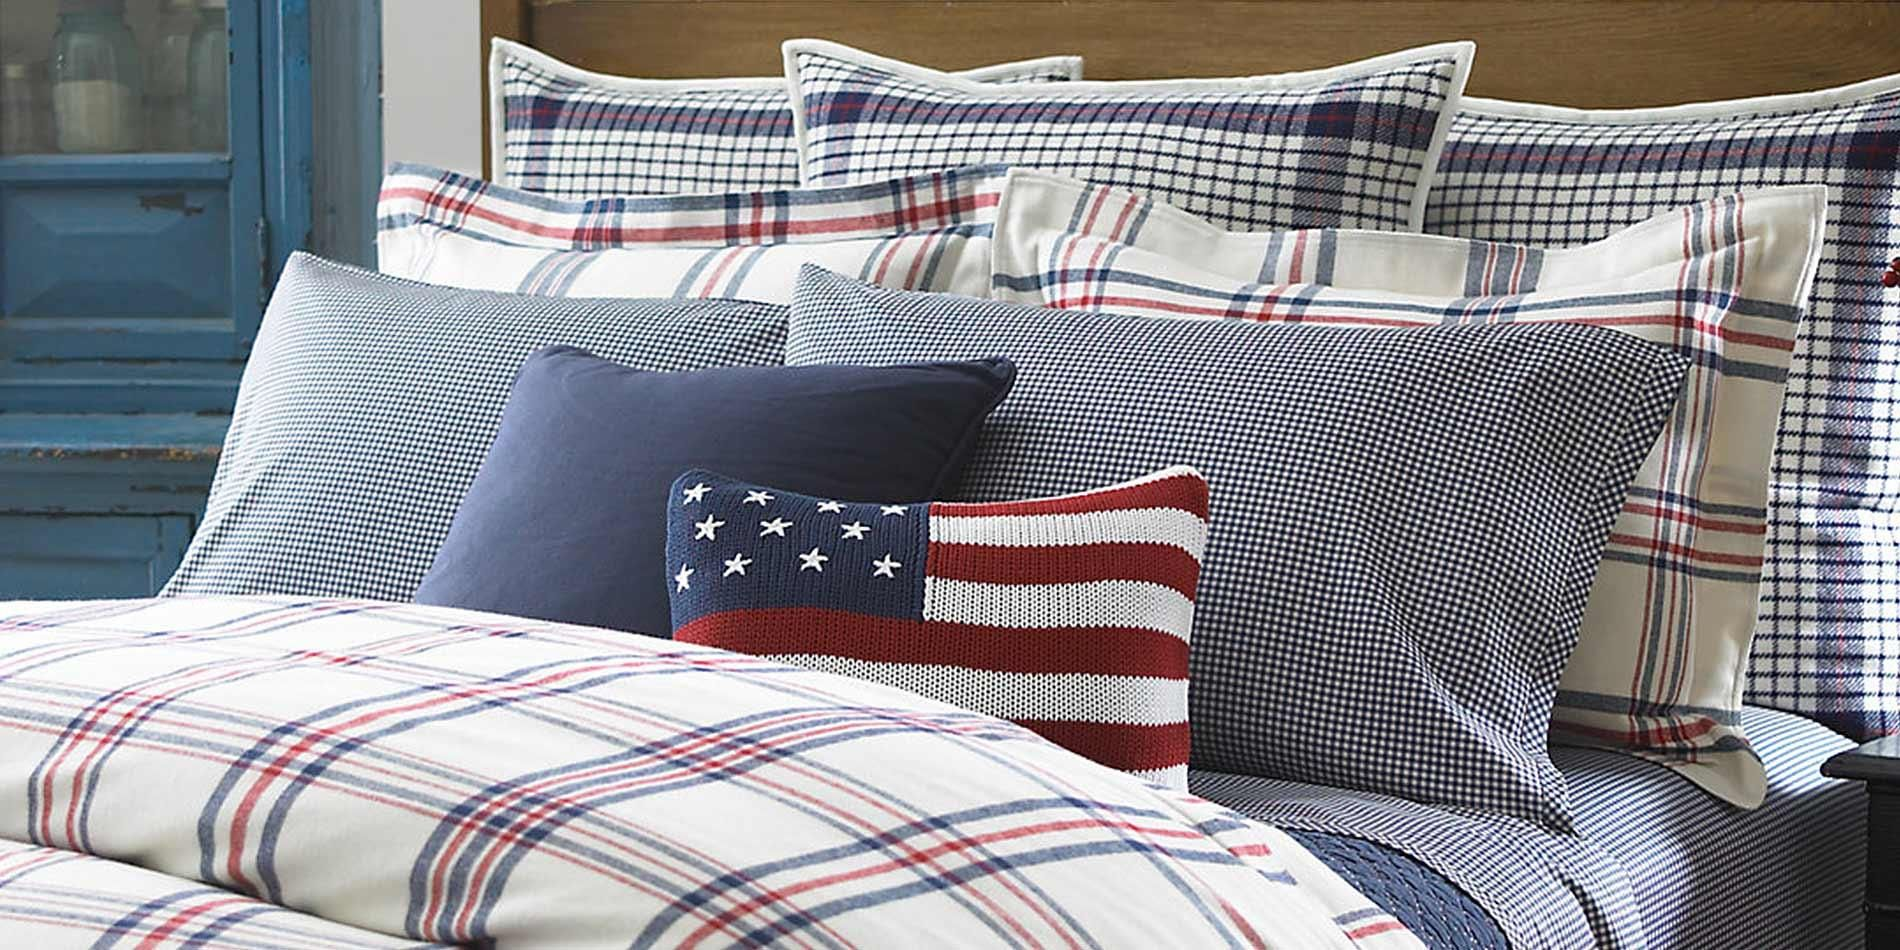 parure de lit ralph lauren talmadge hill chez yves delorme linge de maison ralph lauren. Black Bedroom Furniture Sets. Home Design Ideas